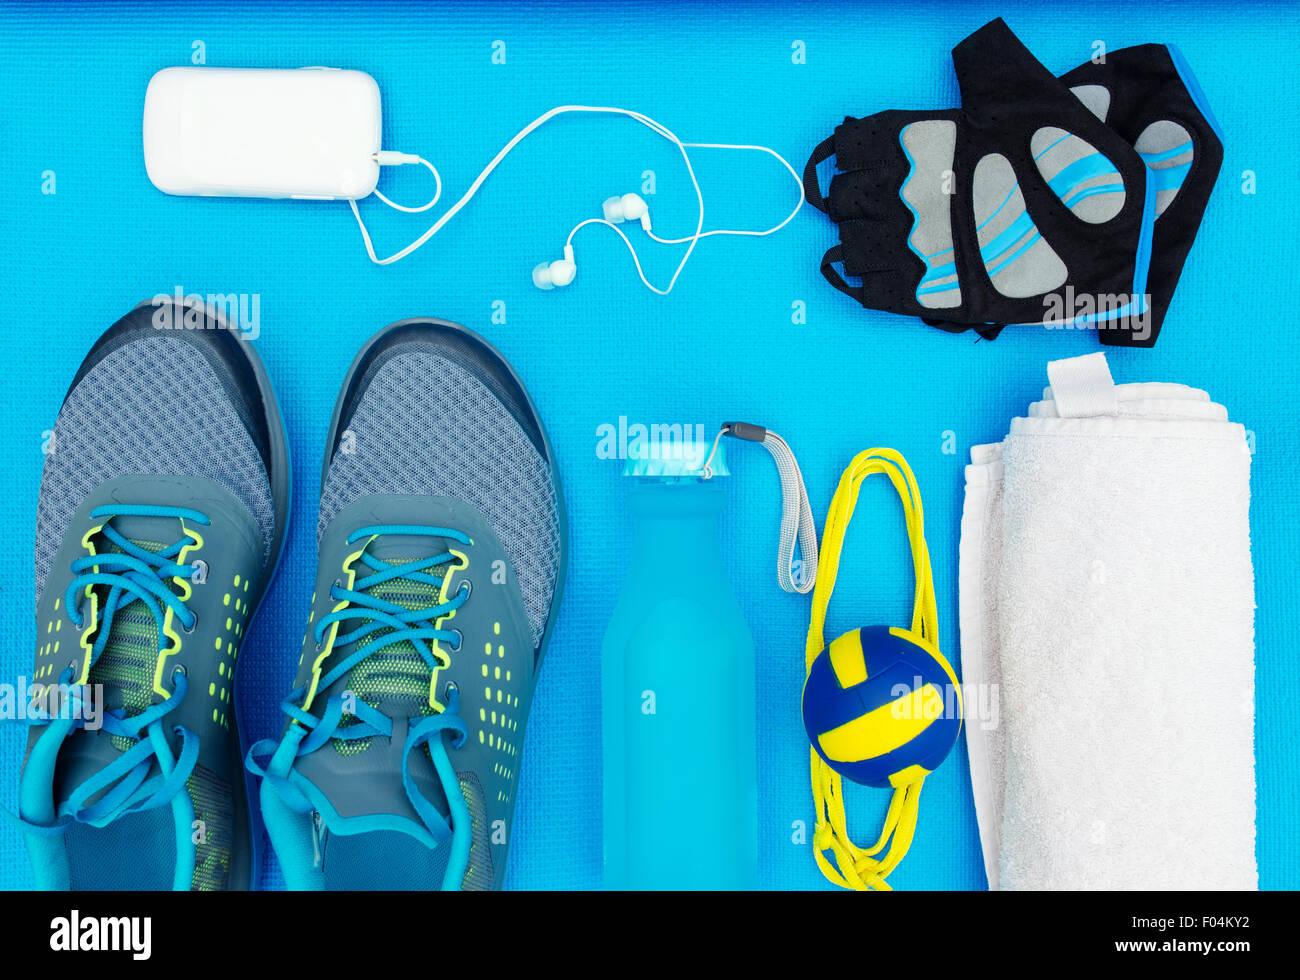 Diferentes herramientas y accesorios para el deporte. Concepto de Fitness Imagen De Stock